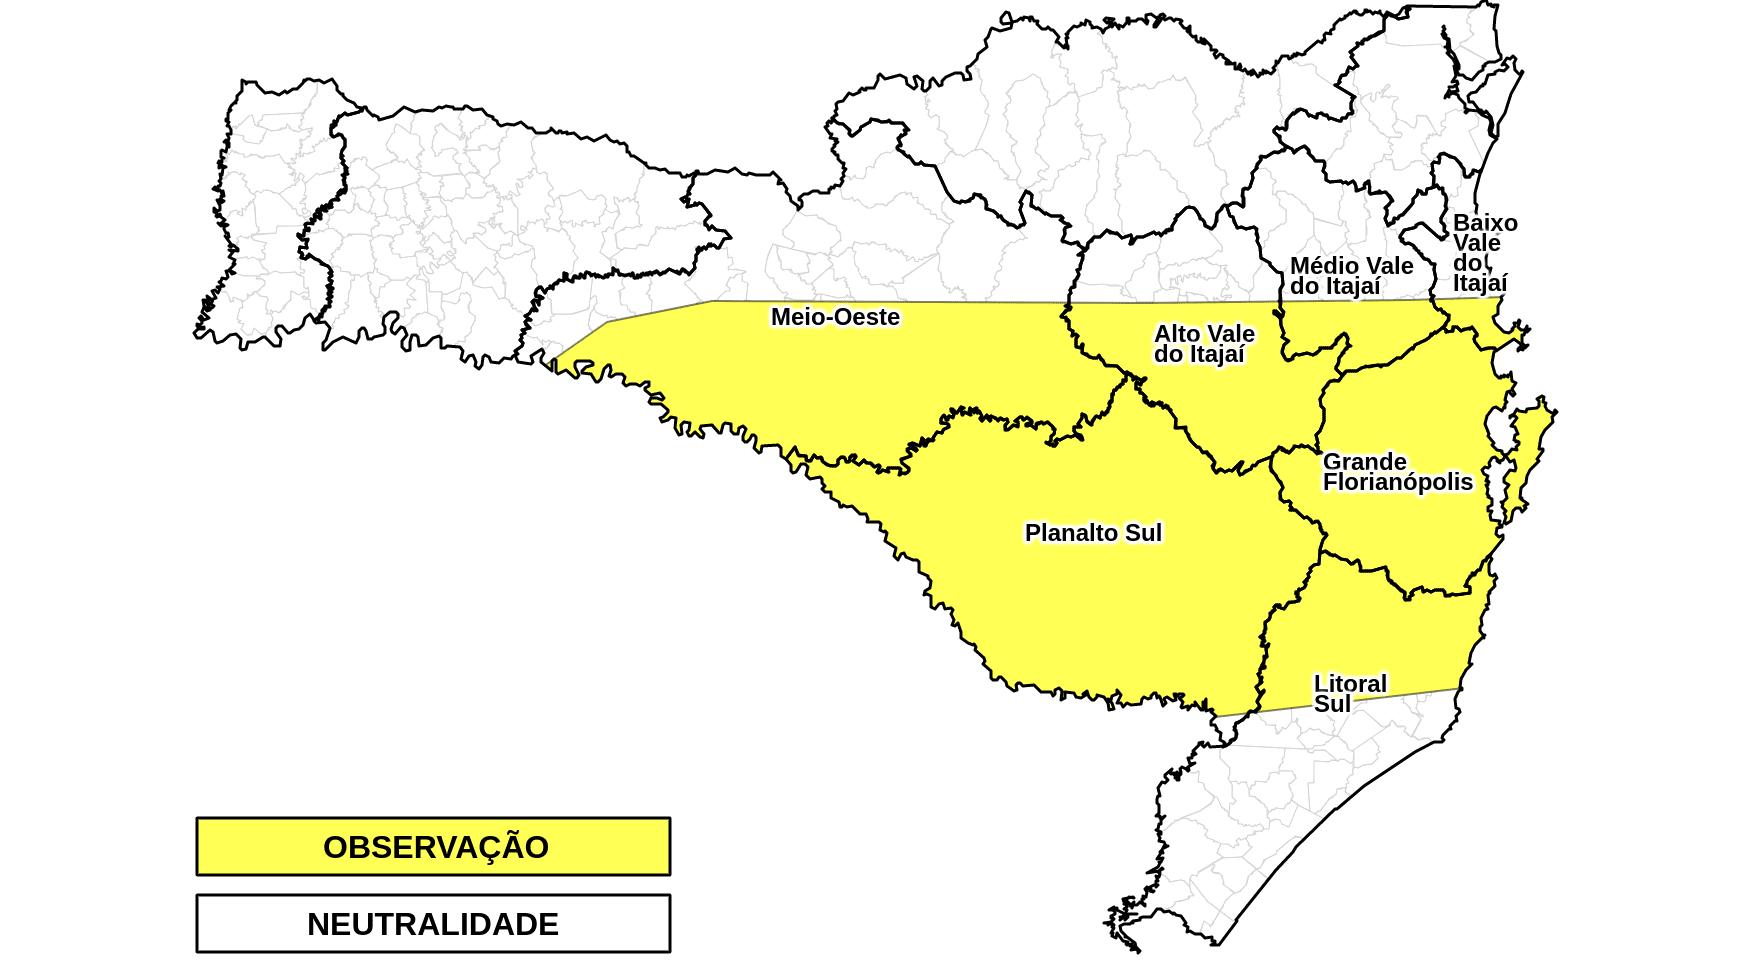 Mapa que demonstra áreas que serão mais atingidas pela chuva